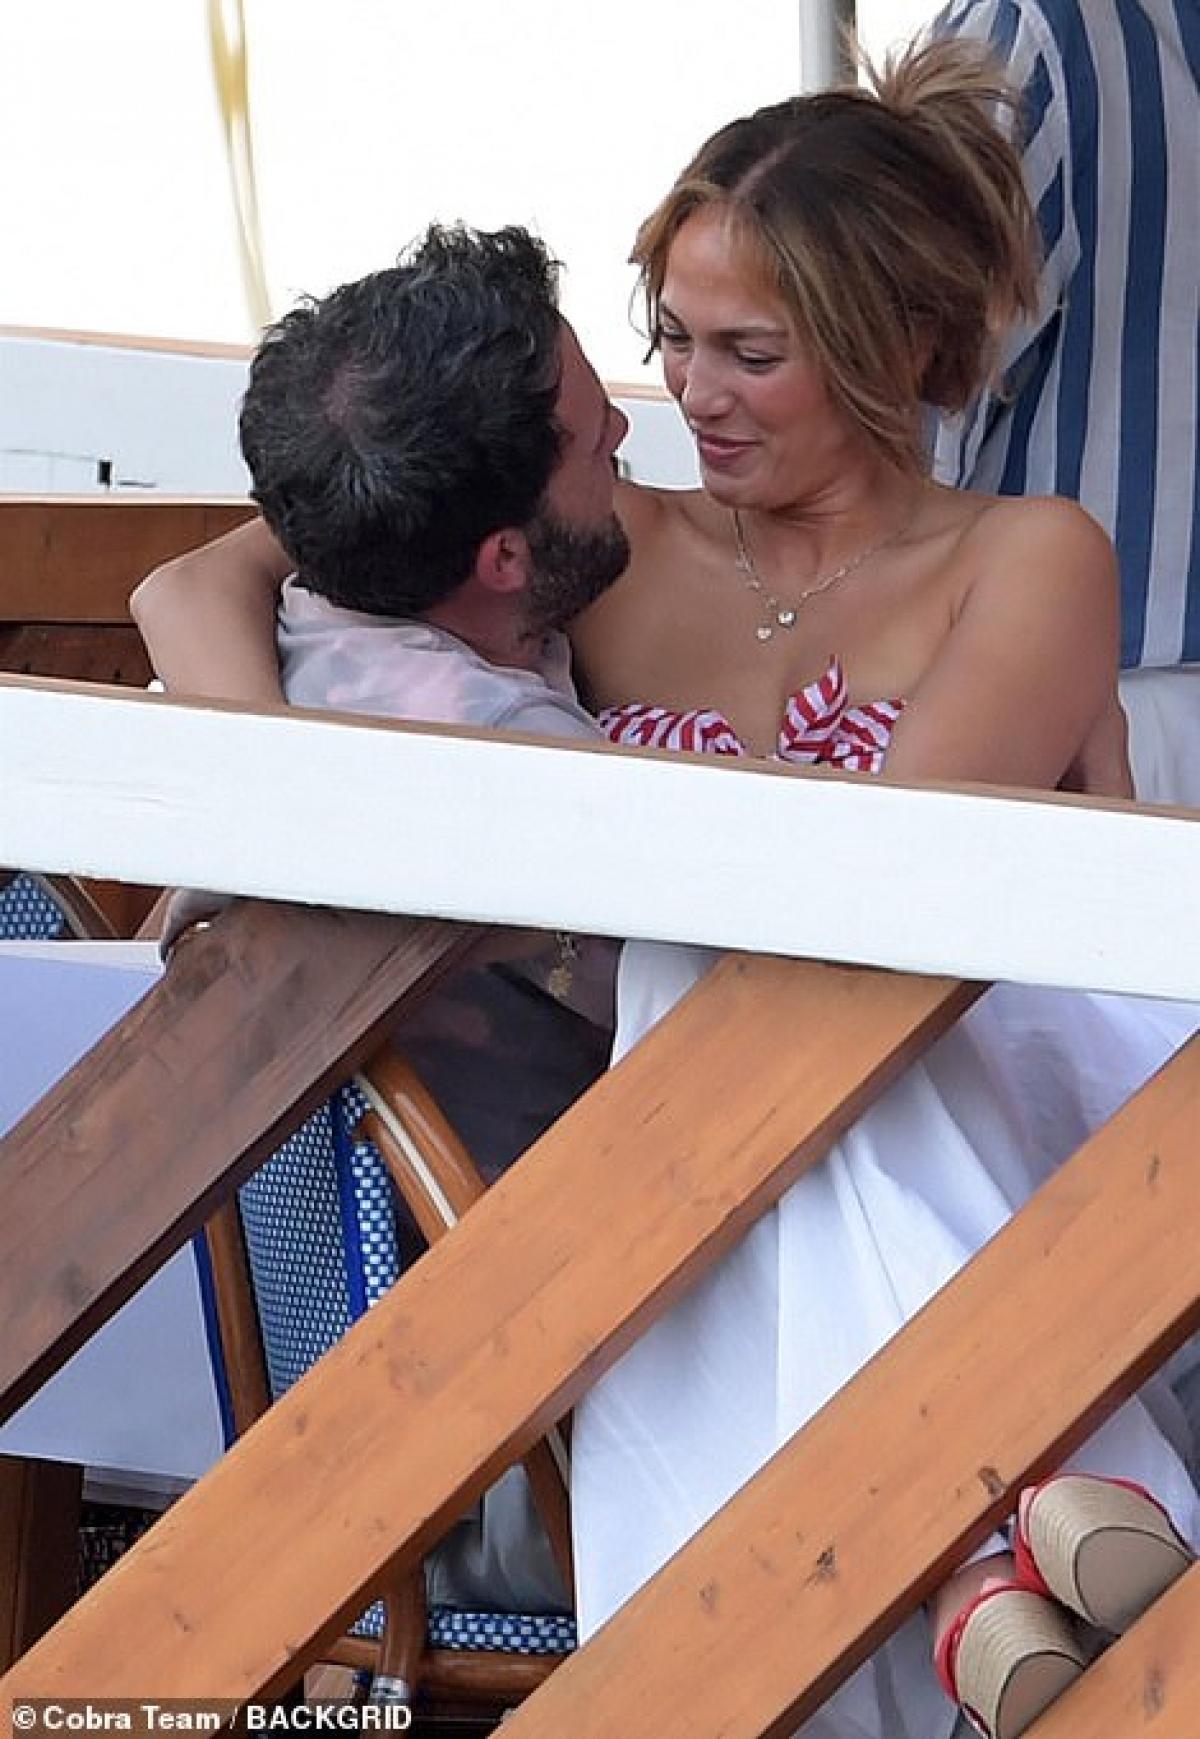 Cặp đôi cùng nhau thưởng thức bữa tối lãng mạn trên du thuyền sang trọng.